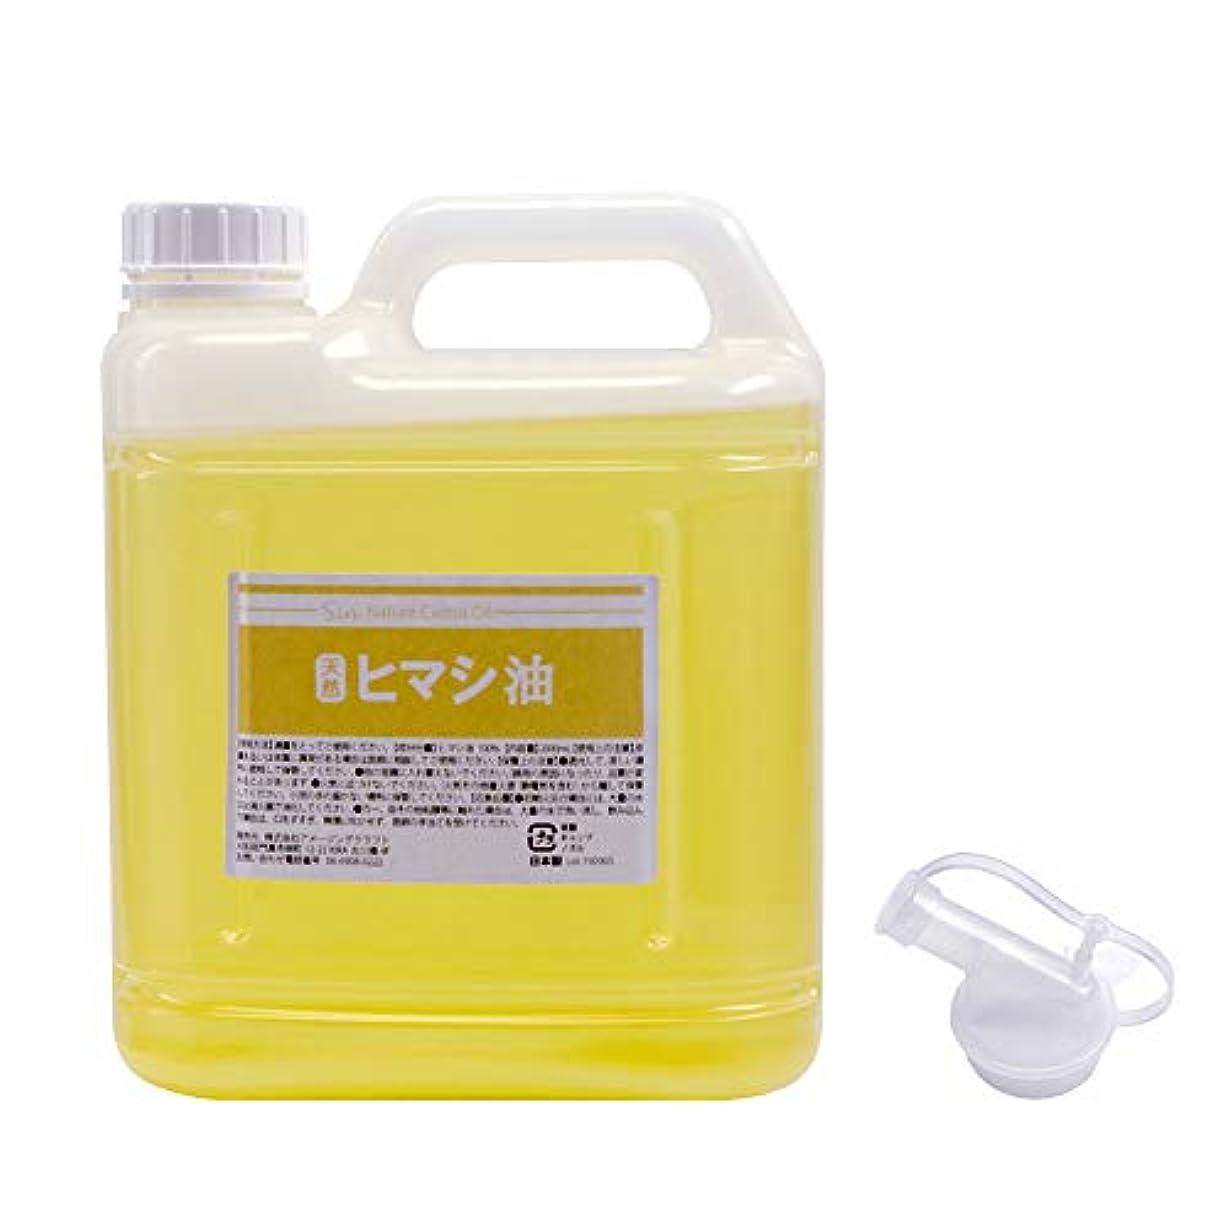 マーティンルーサーキングジュニアインポート許容できる天然無添加 国内精製ひまし油 (キャスターオイル) 2000ml 2L